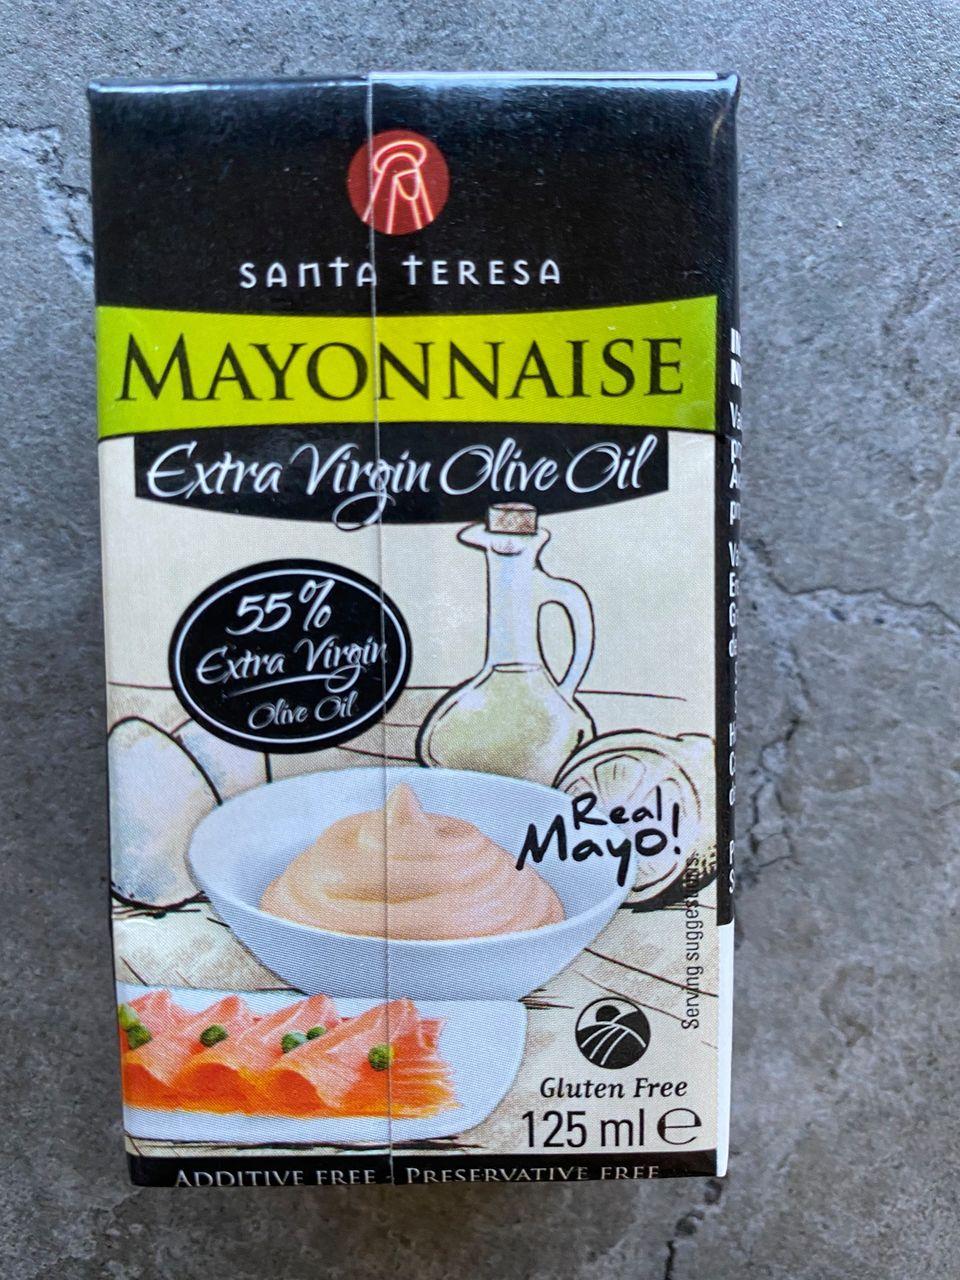 Mayonesa keto